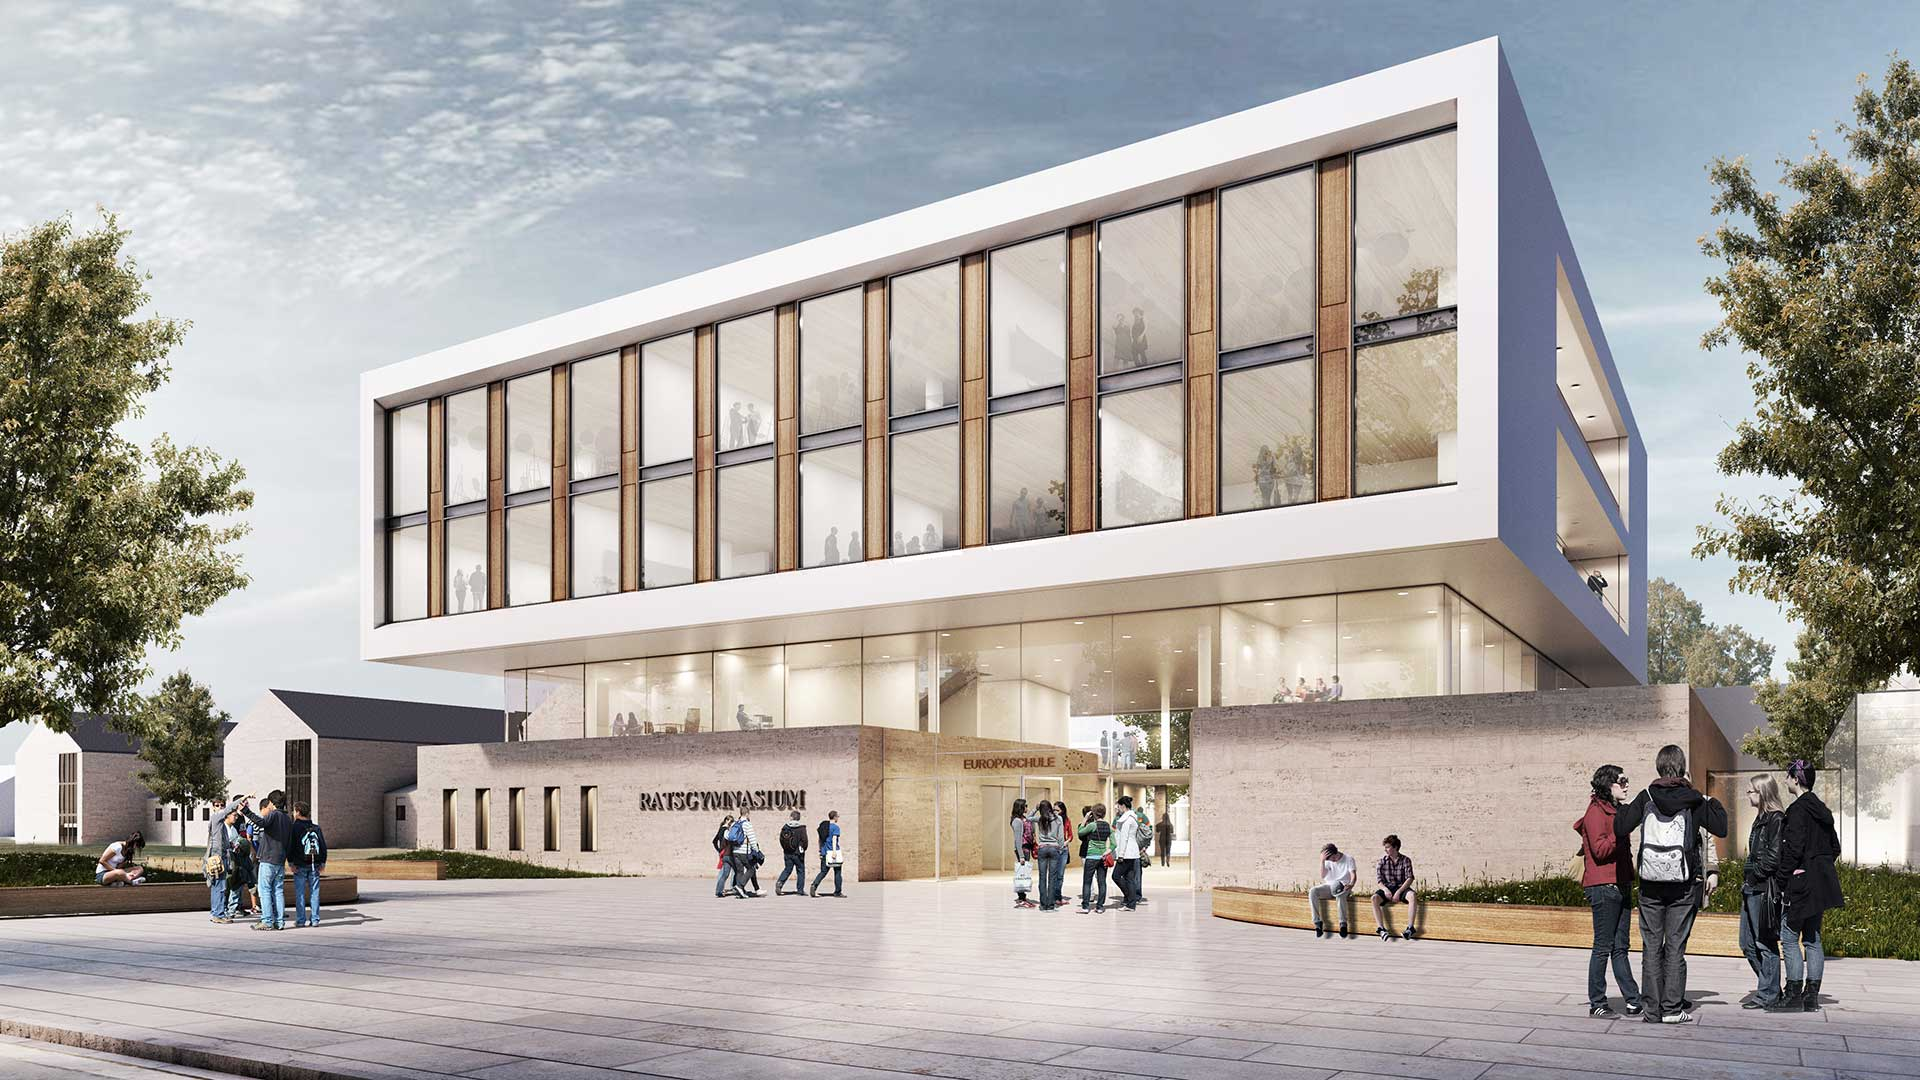 Architekt Wolfsburg struhk architekten projekt wettbewerb ratsgymnasium wolfsburg